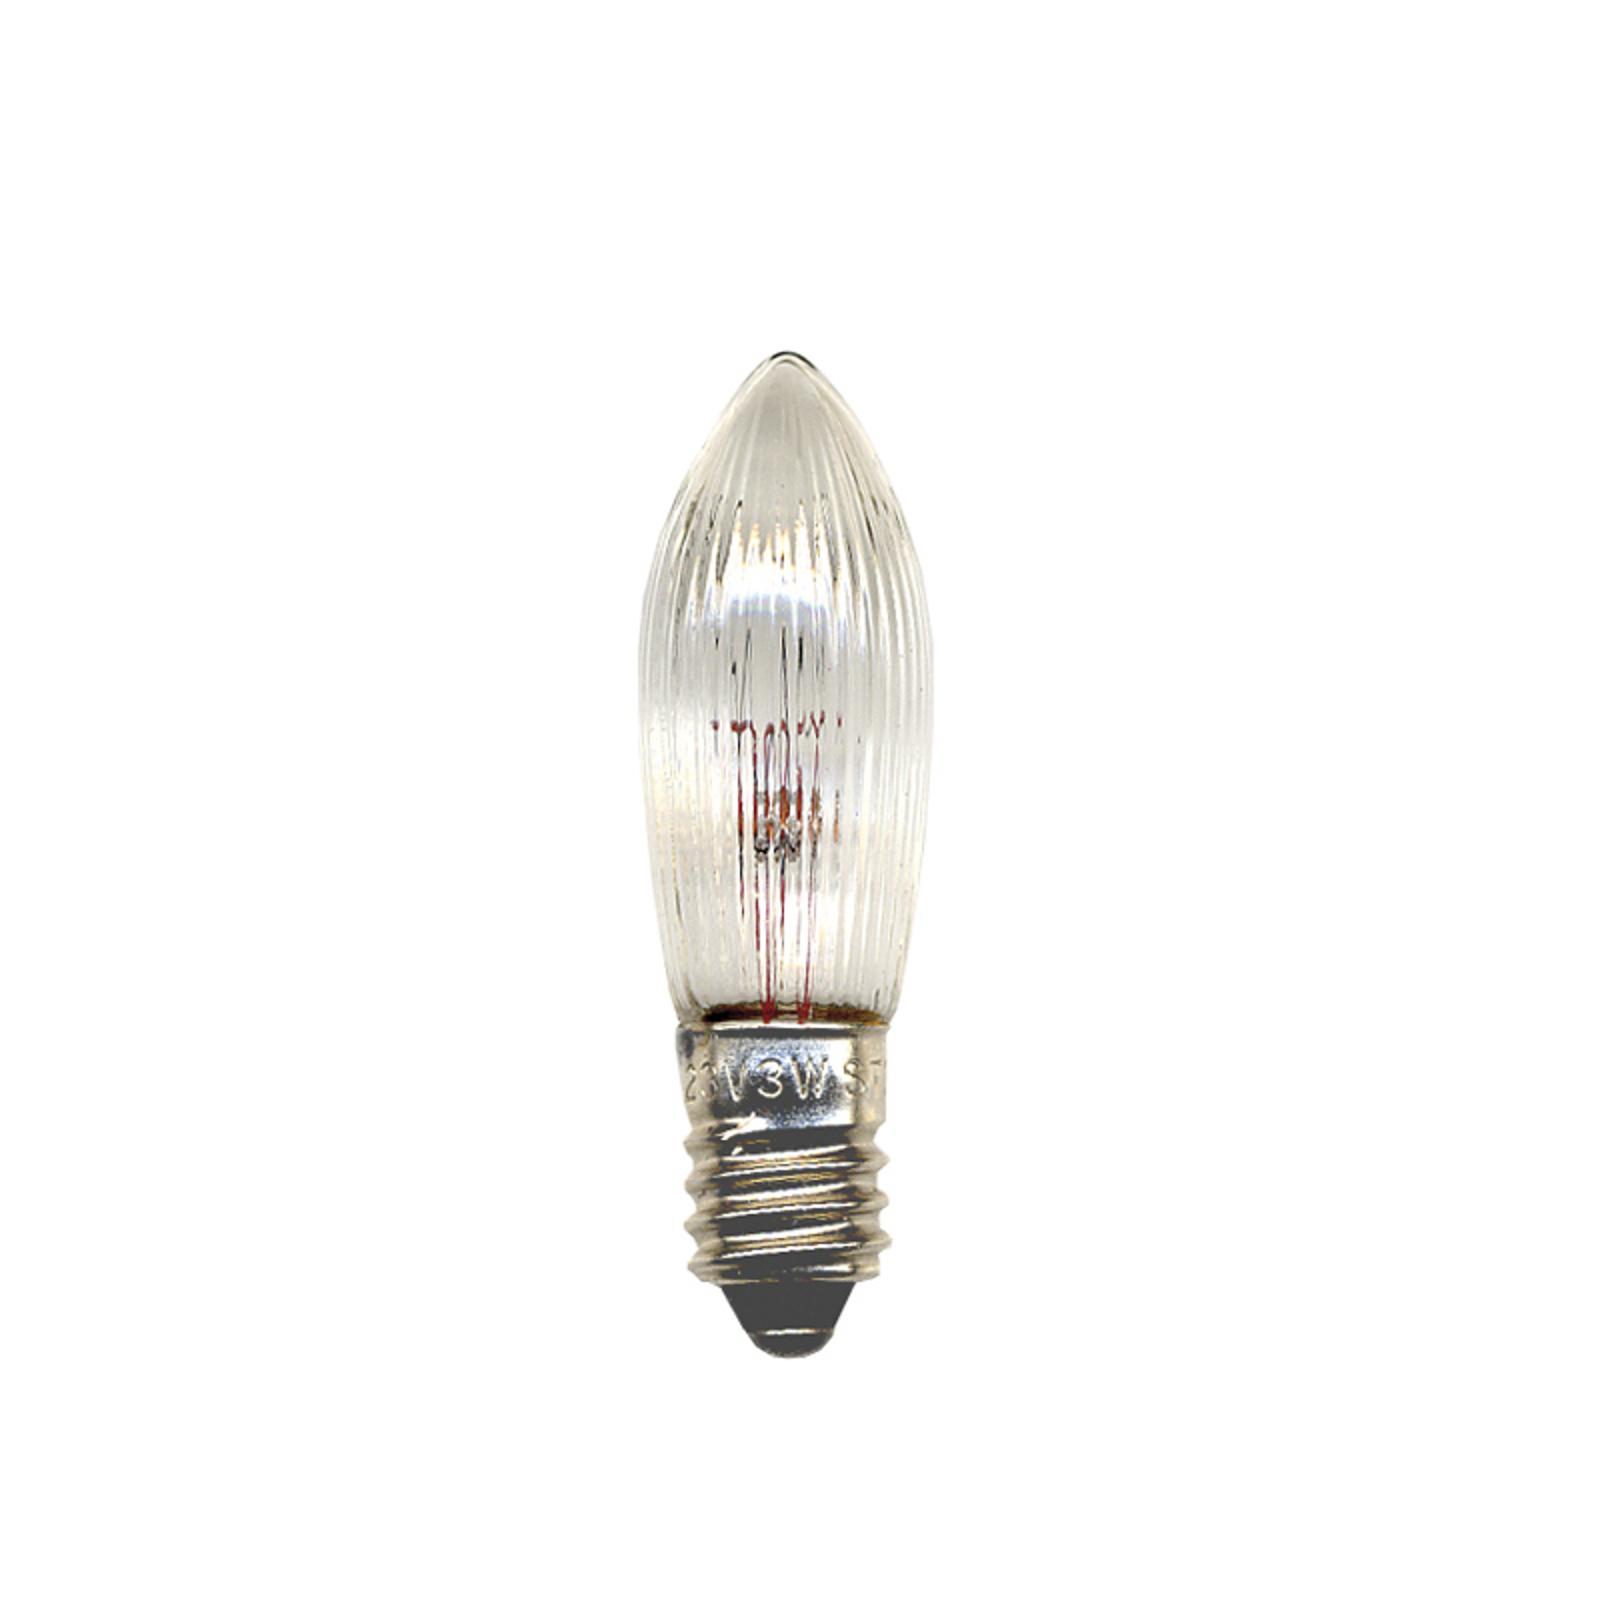 E10-12V-reservelamp van 2,4W, 3 st, kaarsvorm